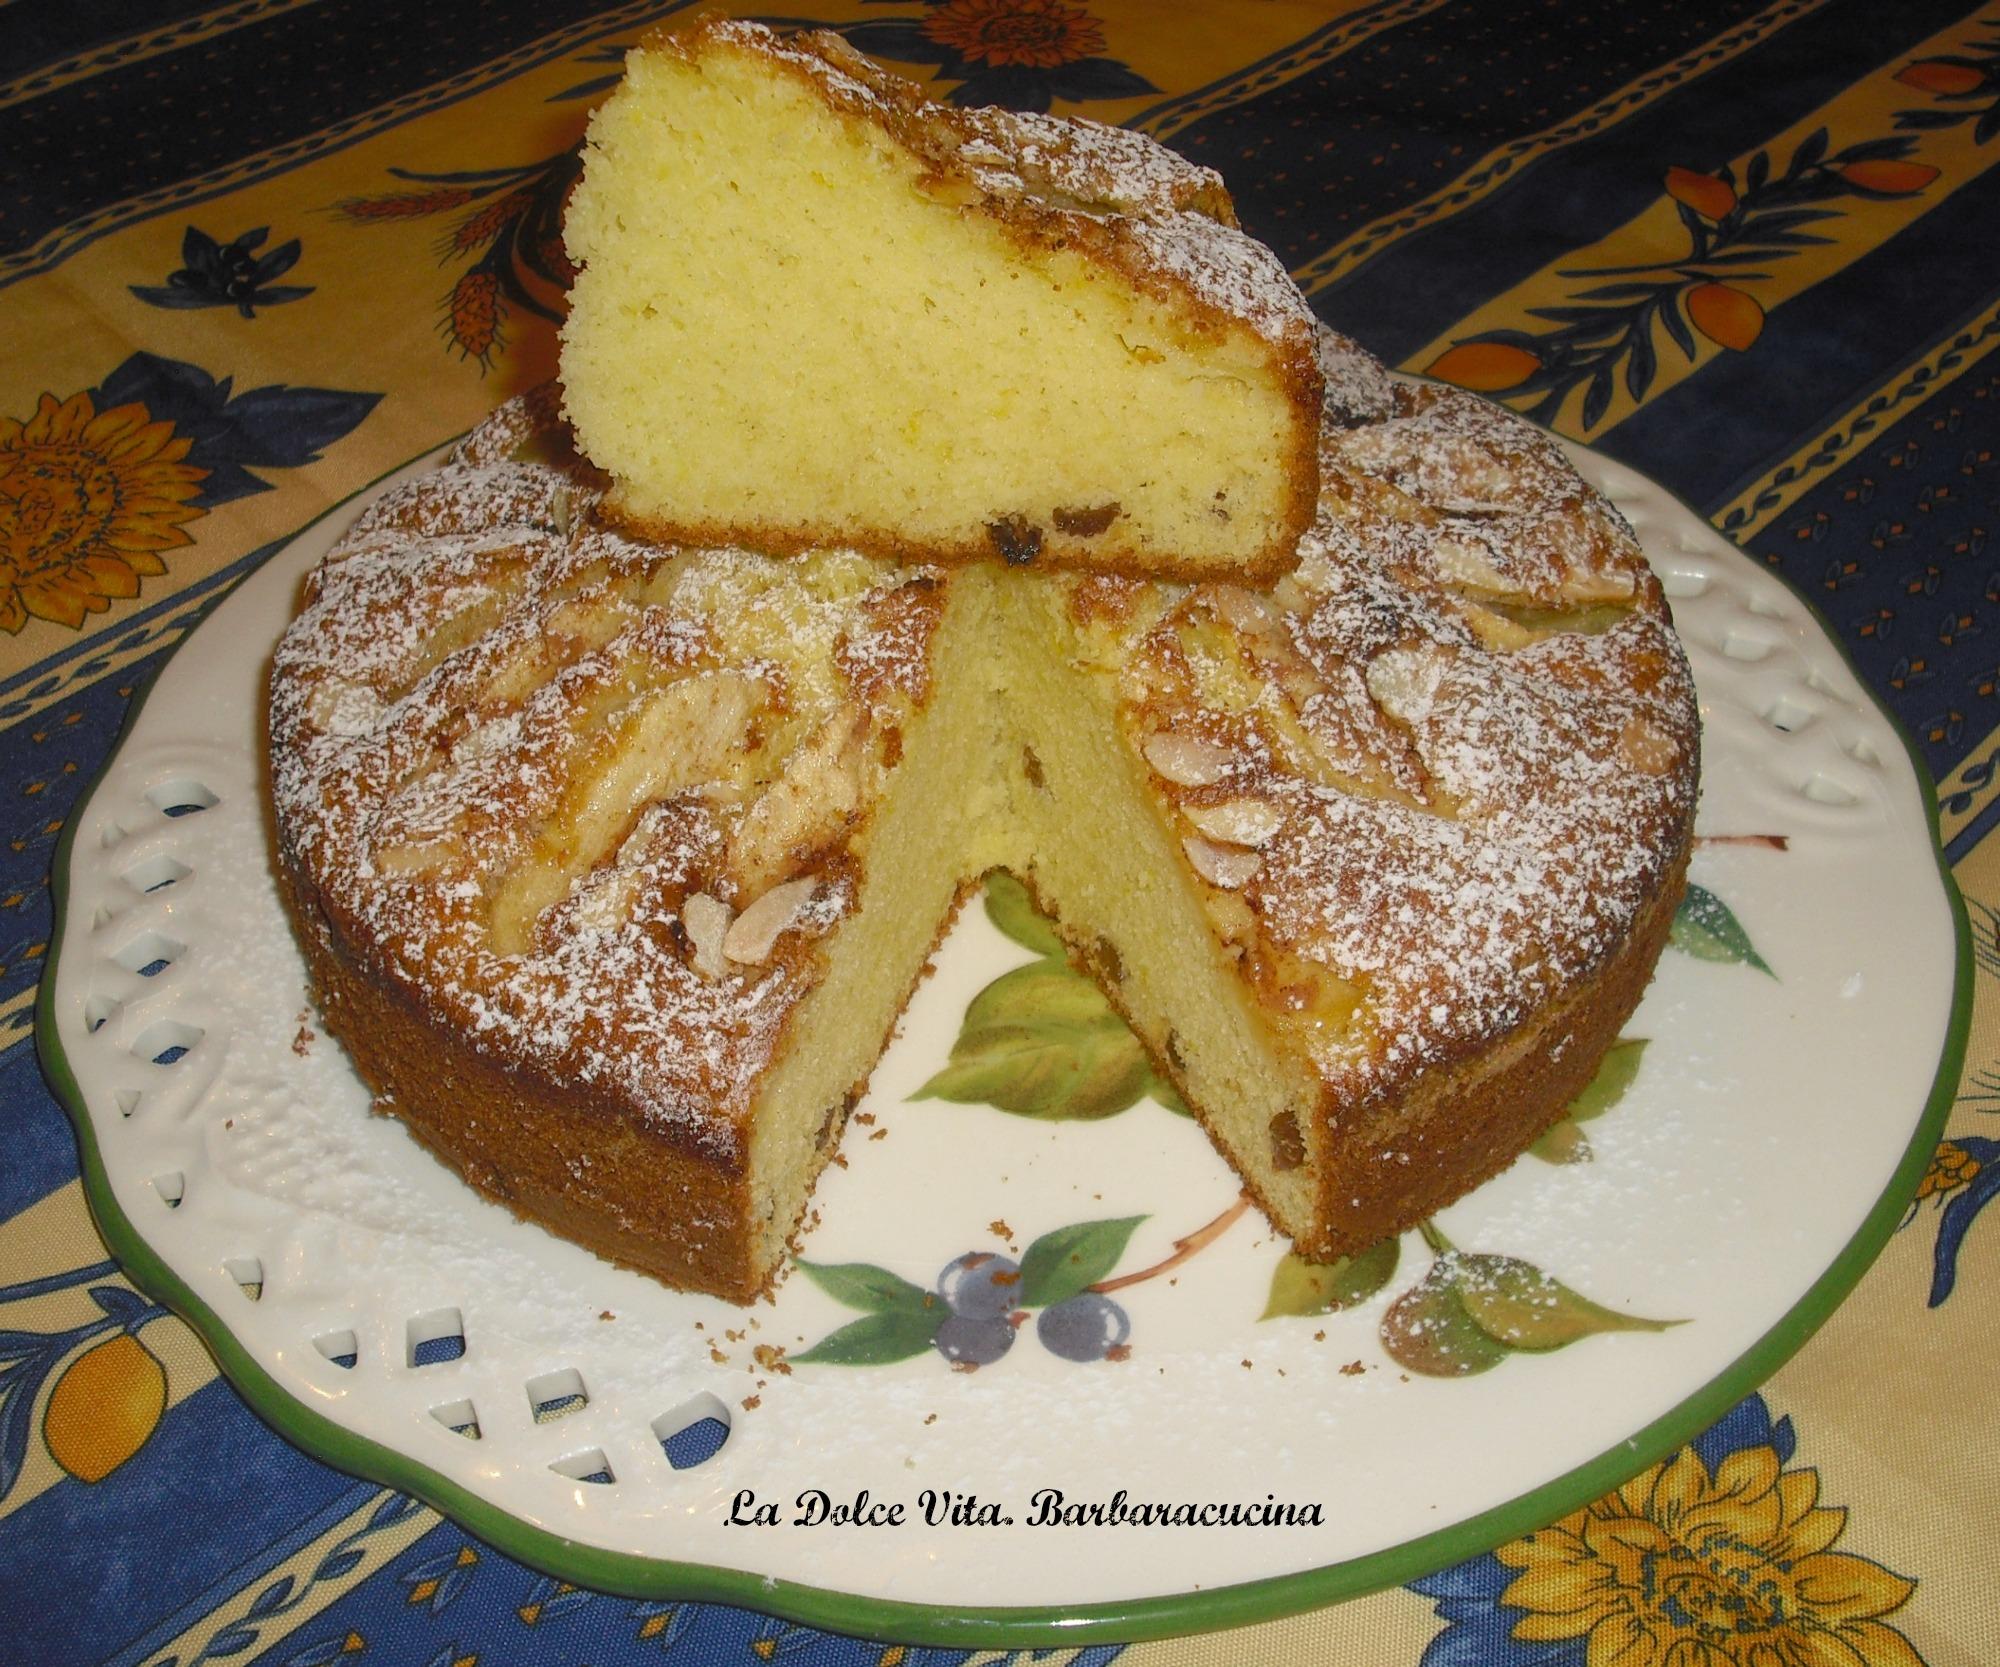 torta con mele e mandorle 1